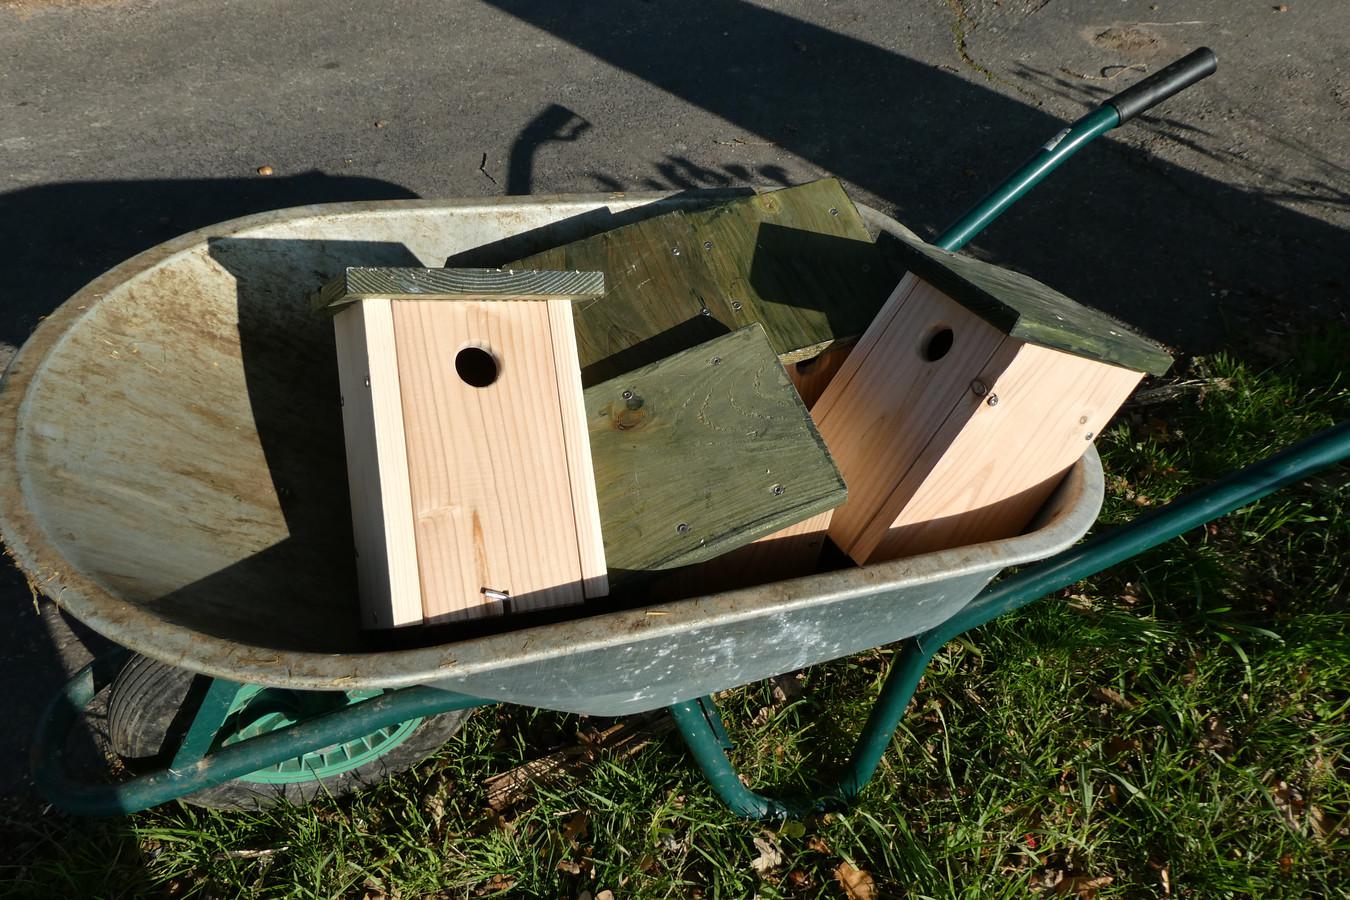 Kruiwagens vol nestkasten worden naar de eiken gebracht aan de Molenhoek. Nieuwe huisjes voor de koolmees.